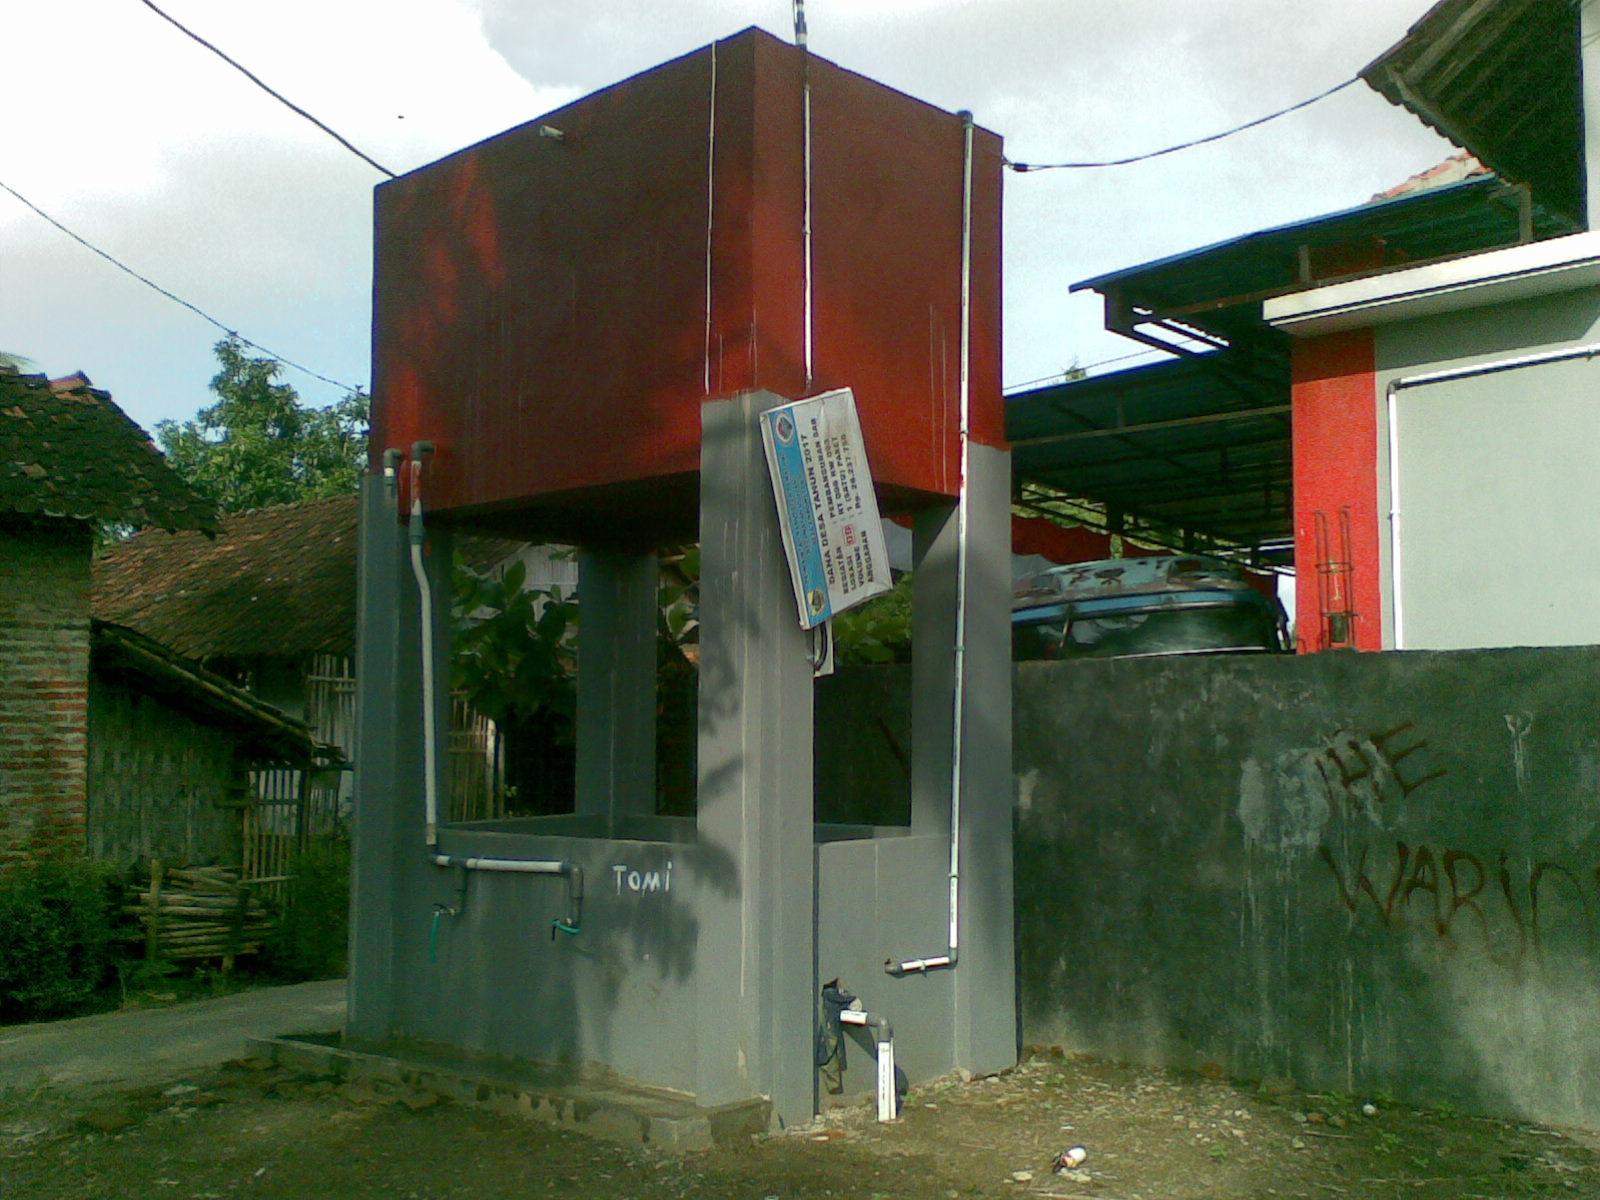 Siap Guna SAB Dusun III Desa Ambowetan